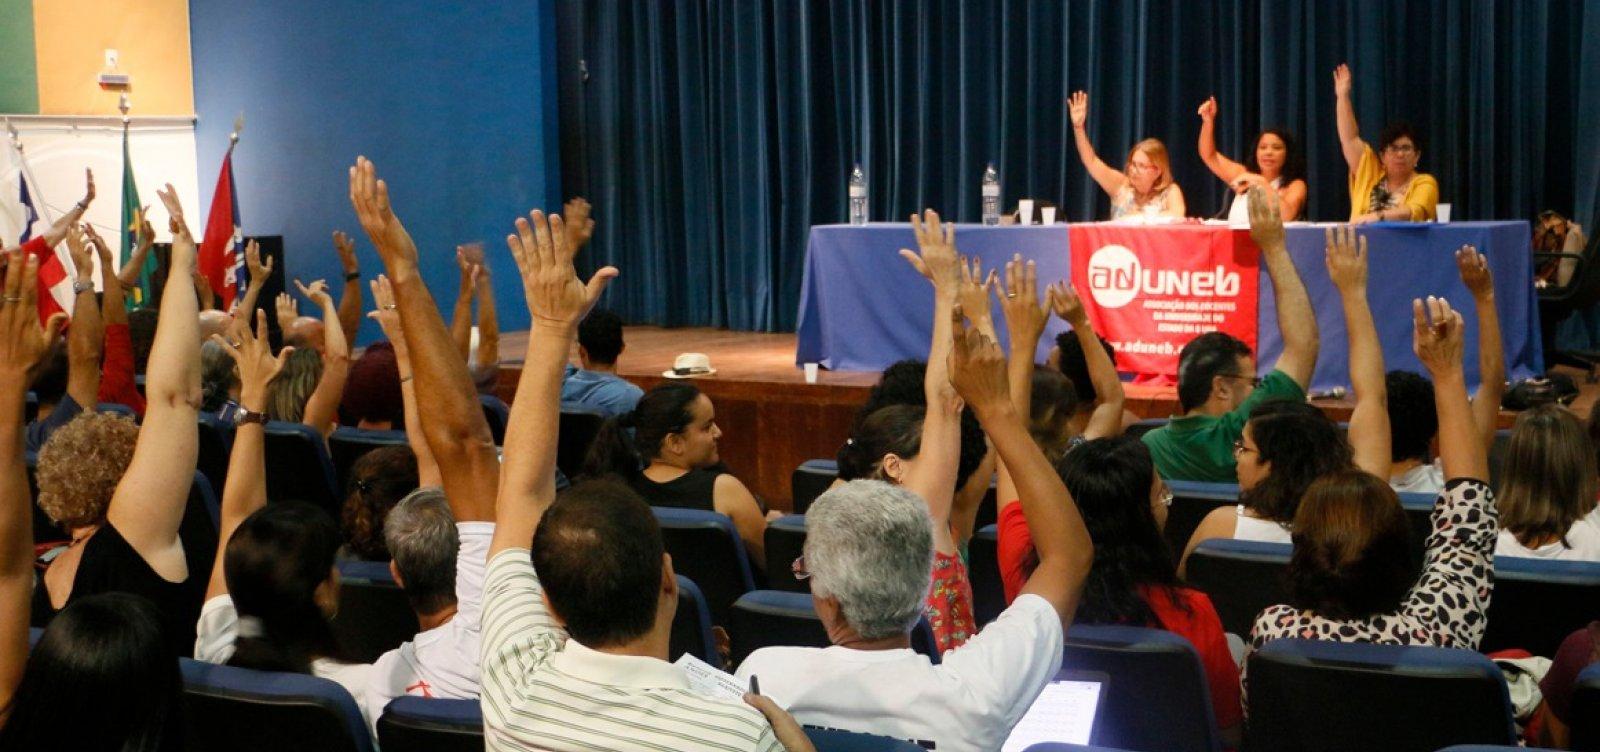 Professores da Uneb decidem pela continuidade da greve